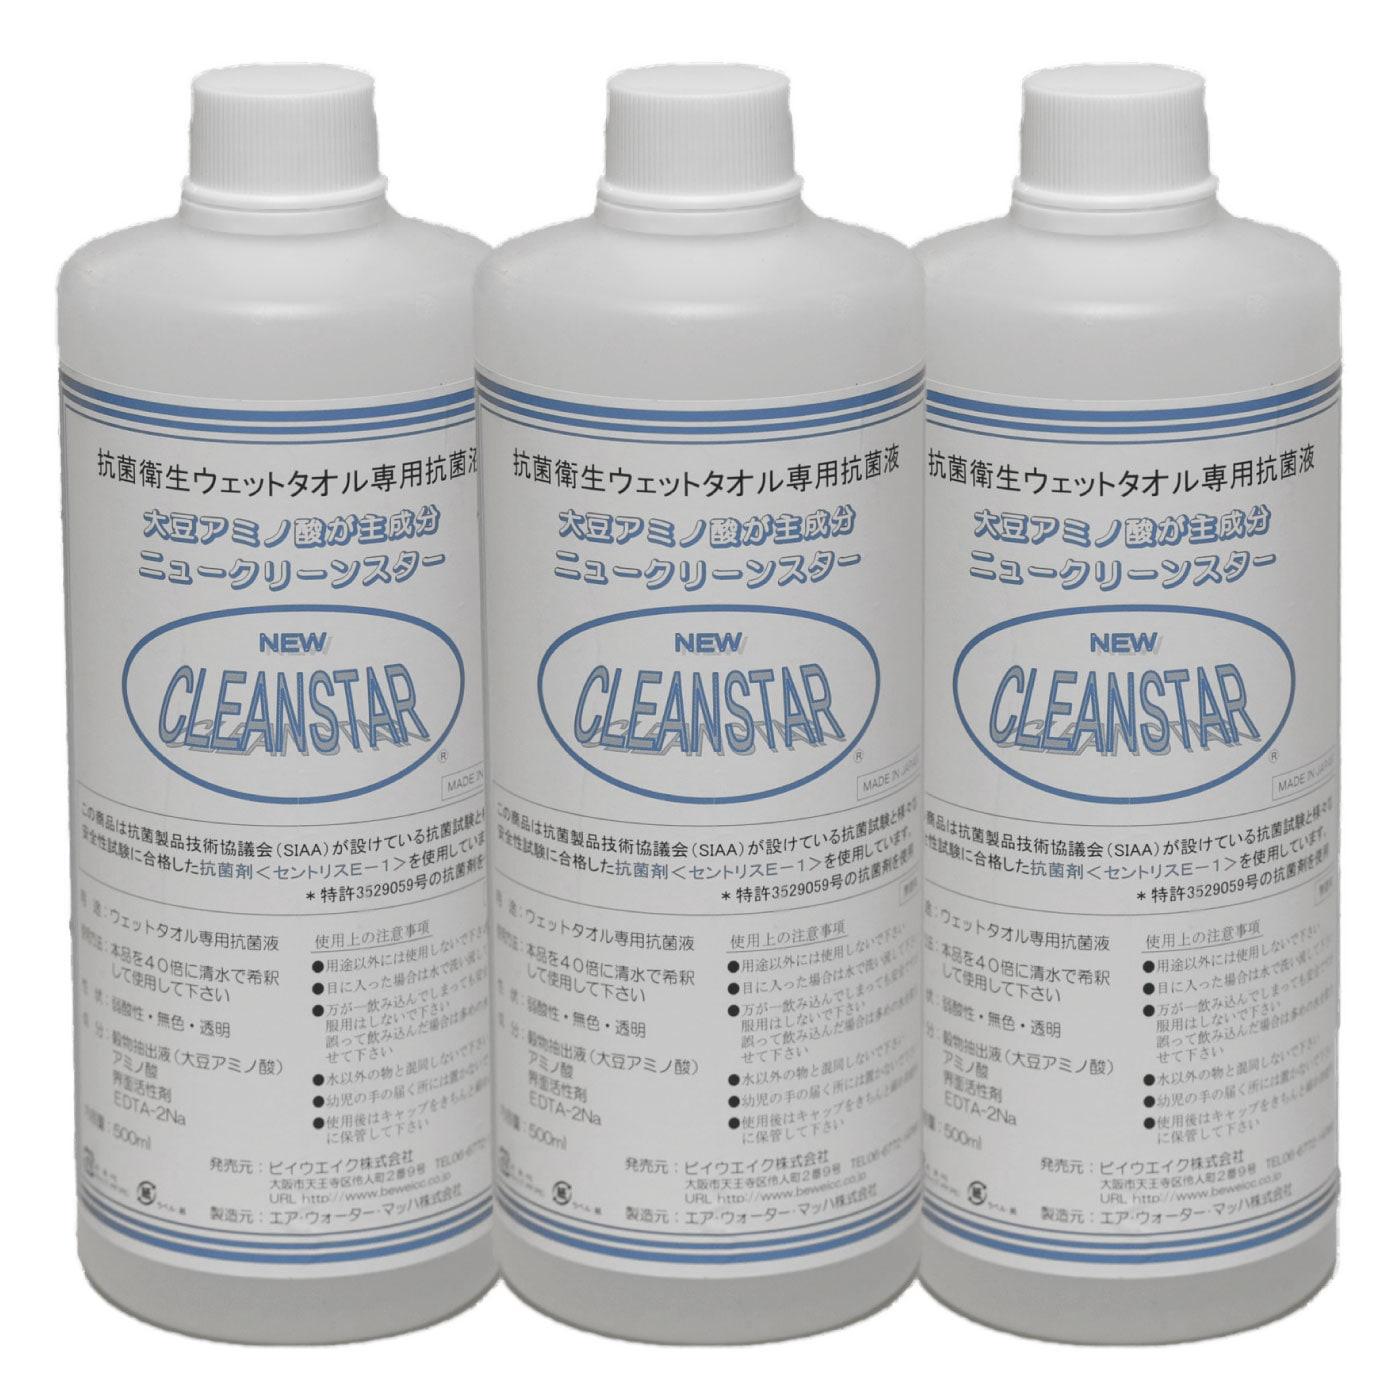 自動おしぼり機専用の除菌抗菌液